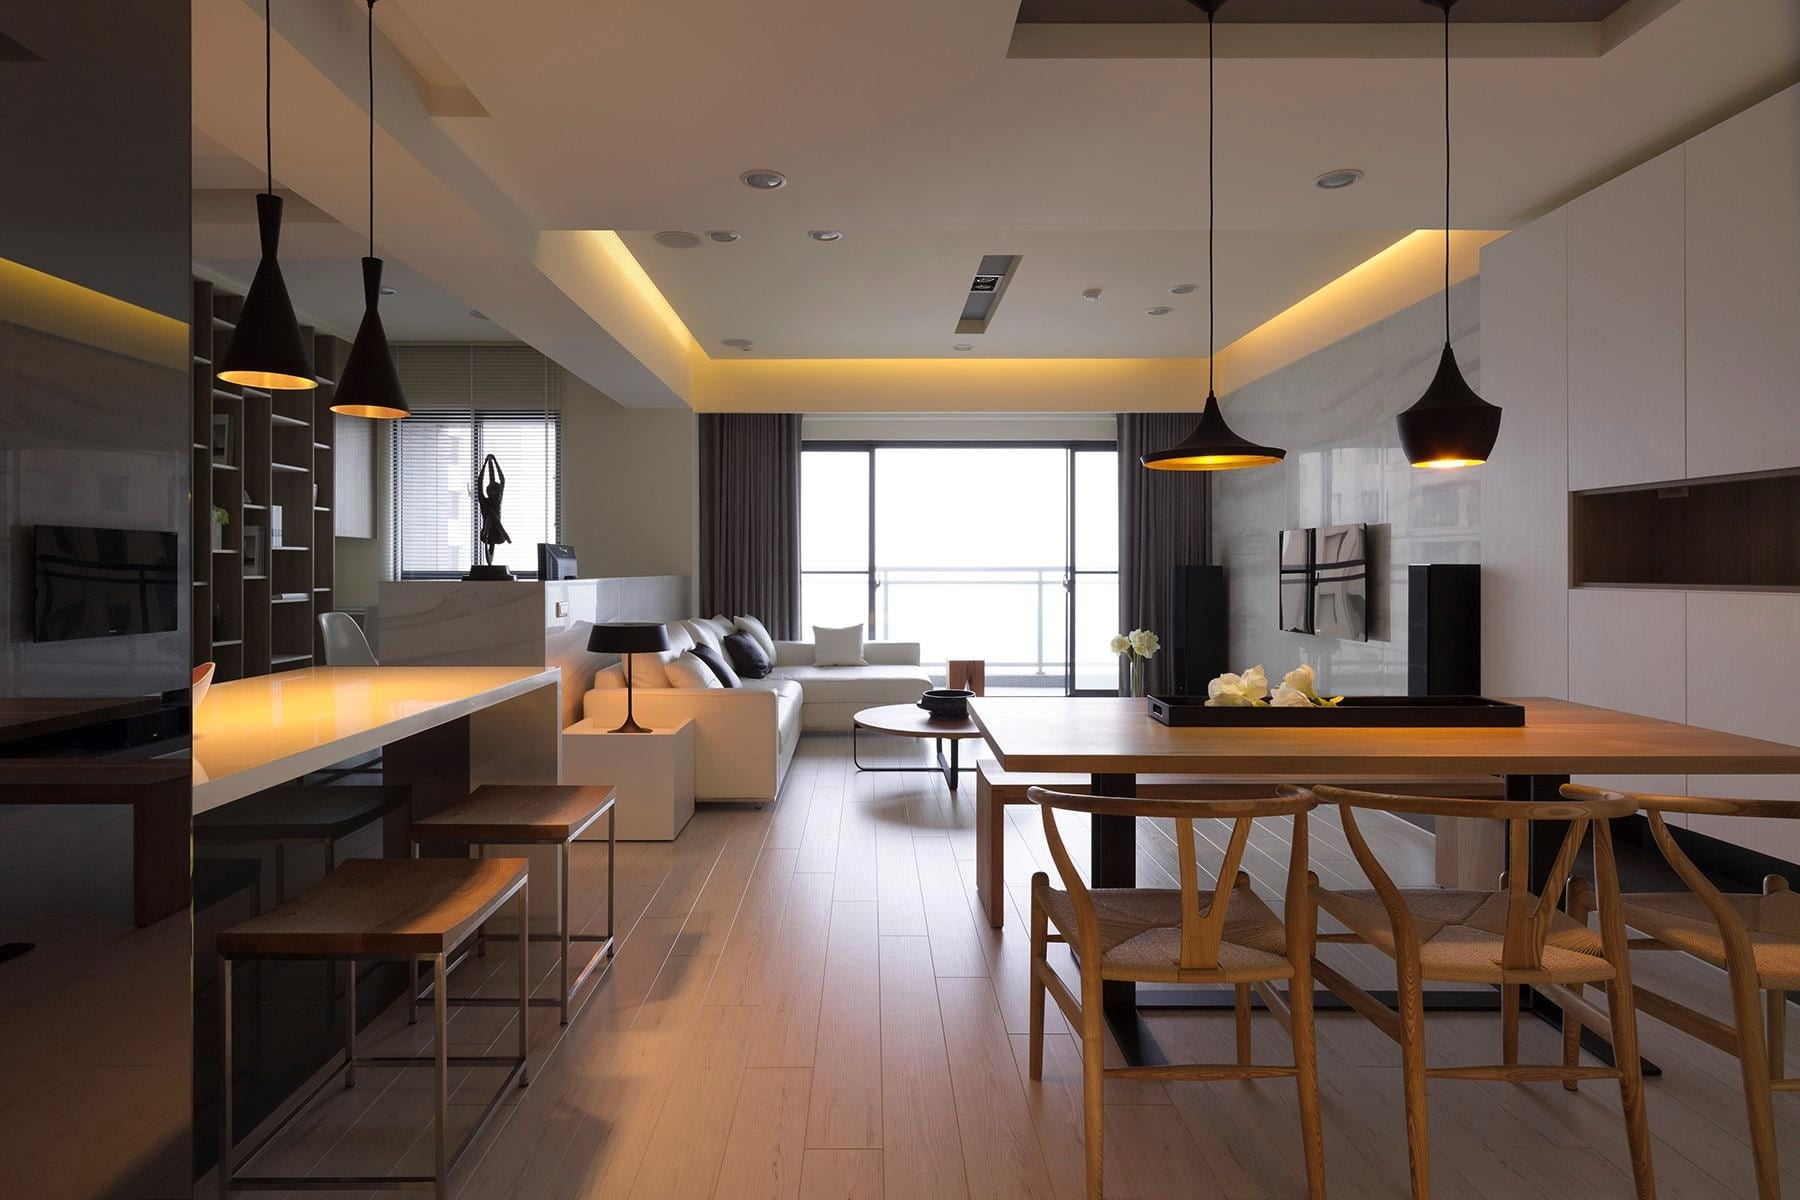 luxus wohnzimmer - 33 wohn-esszimmer ideen - freshouse - Raumgestaltung Schwarz Weis Wohnzimmer